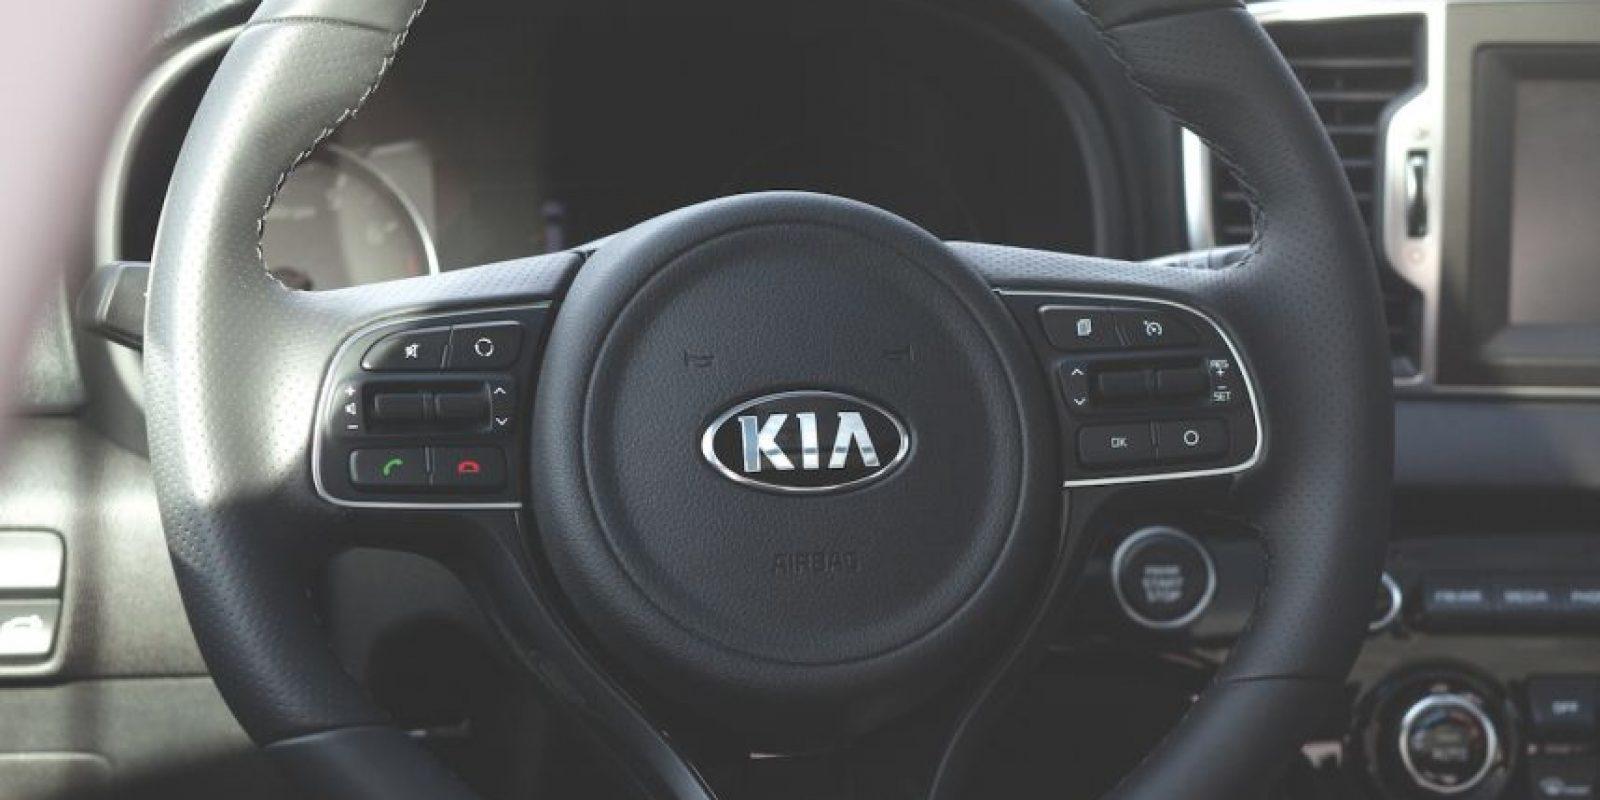 Los controles al volante facilitan el acceso a su sistema de cominicacióne infoentretenimiento. Foto:Uriel Roldán